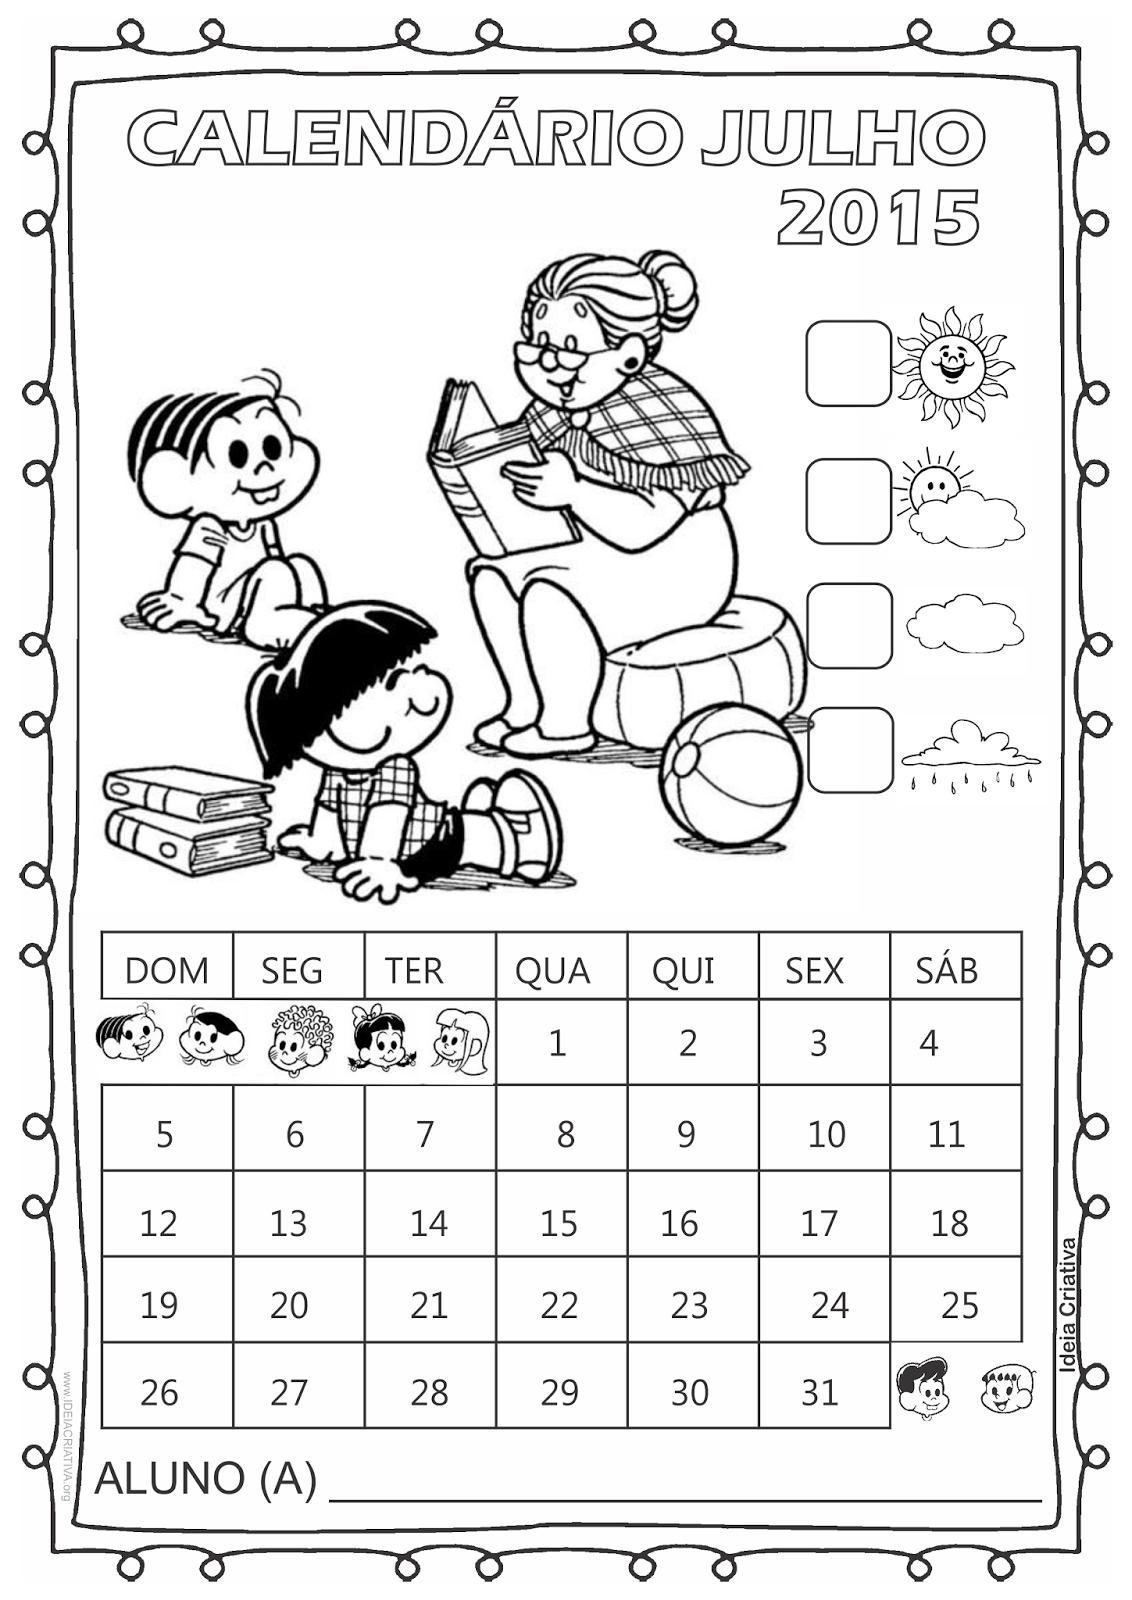 Calendário Turma da Mônica 2015 para Imprimir Grátis Julho Dia dos Avós